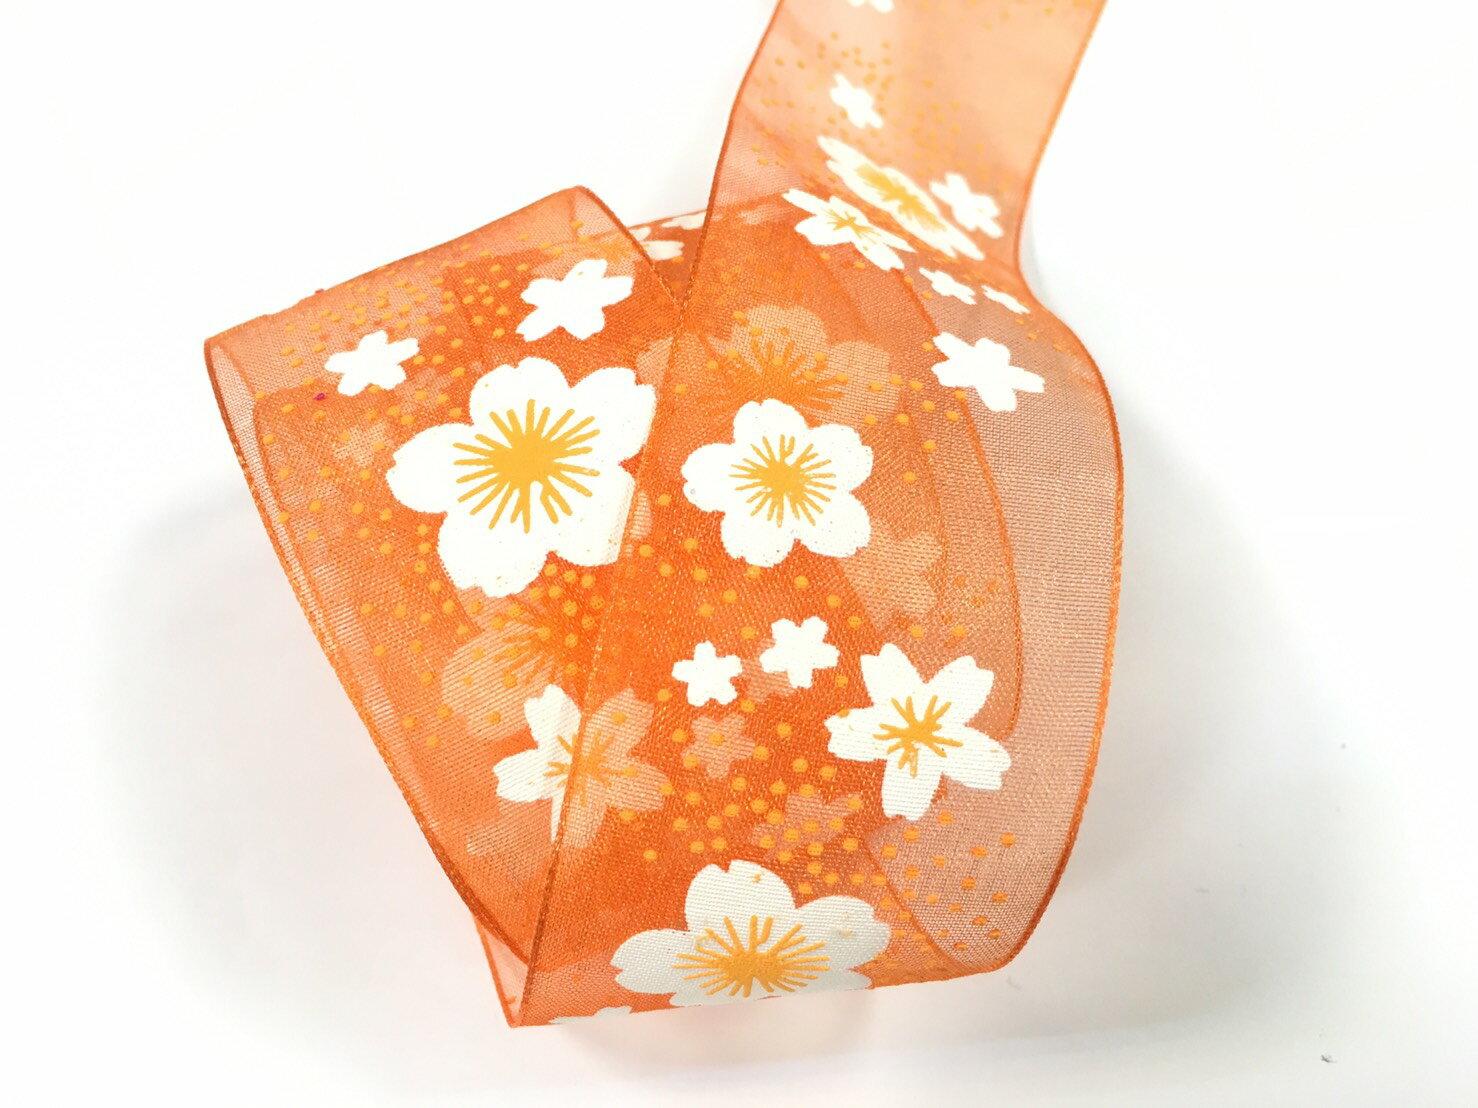 【Crystal Rose緞帶專賣店】小花朵朵網紗緞帶 38mm 3碼裝 3